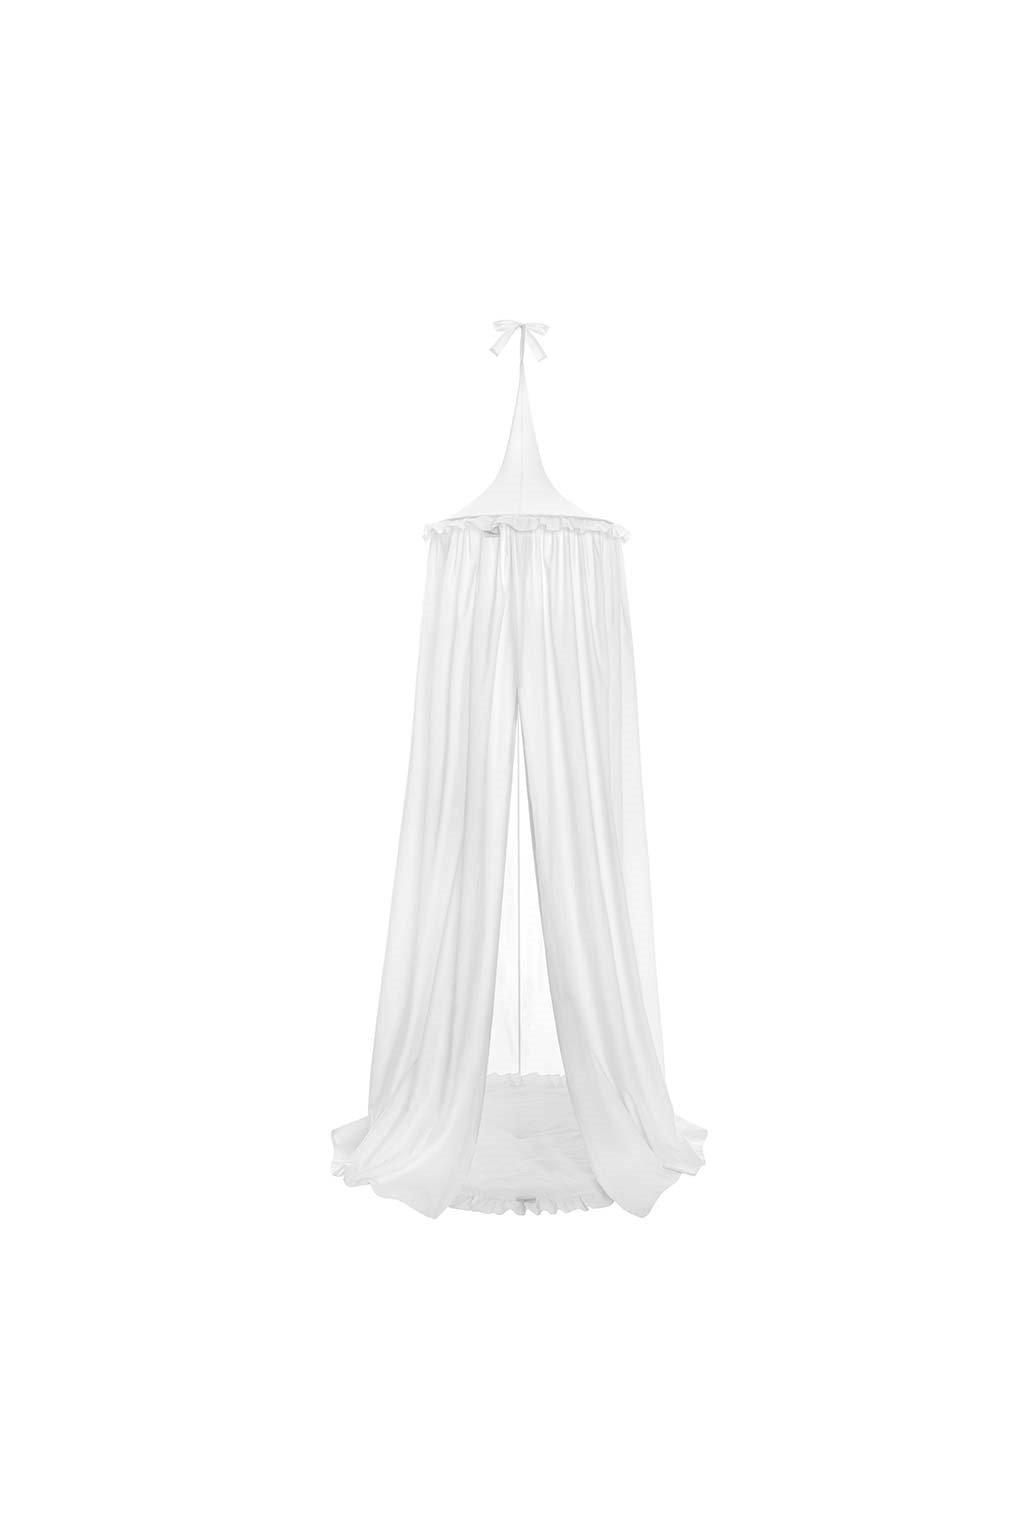 Závesný stropný luxusný baldachýn + podložka Belisima biely